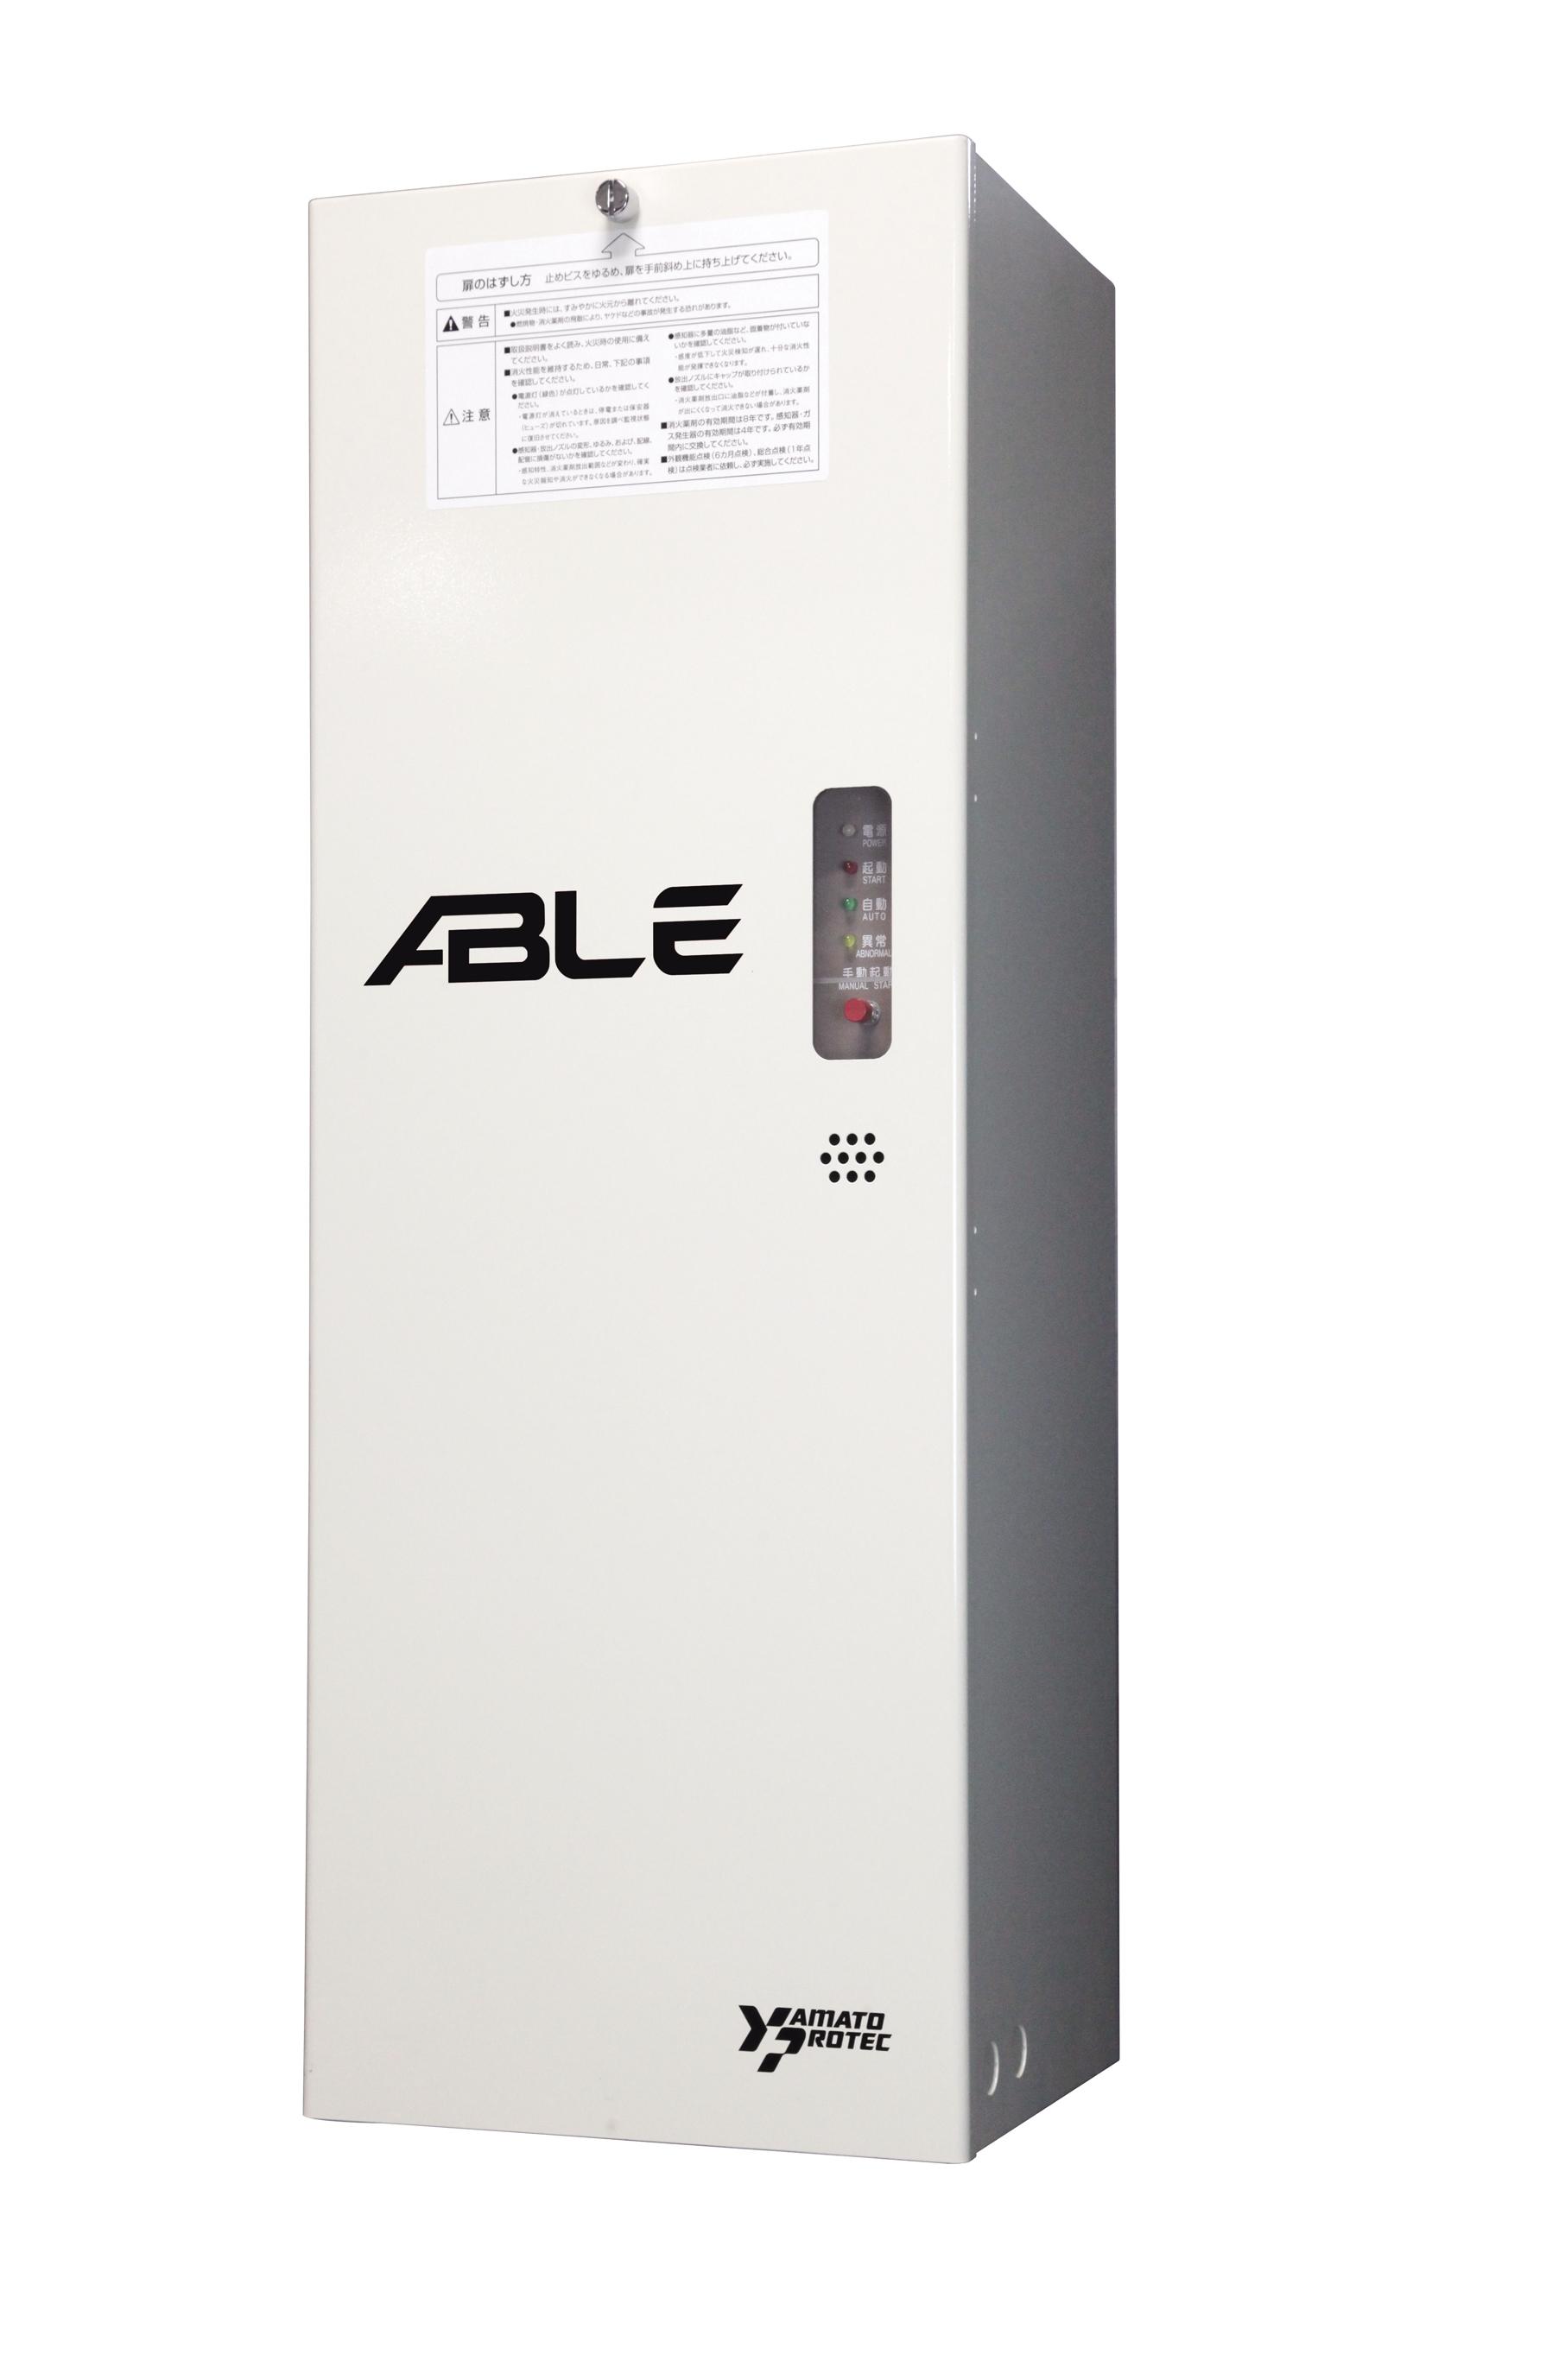 産業機器用自動消火装置 エイブル ACO-15C